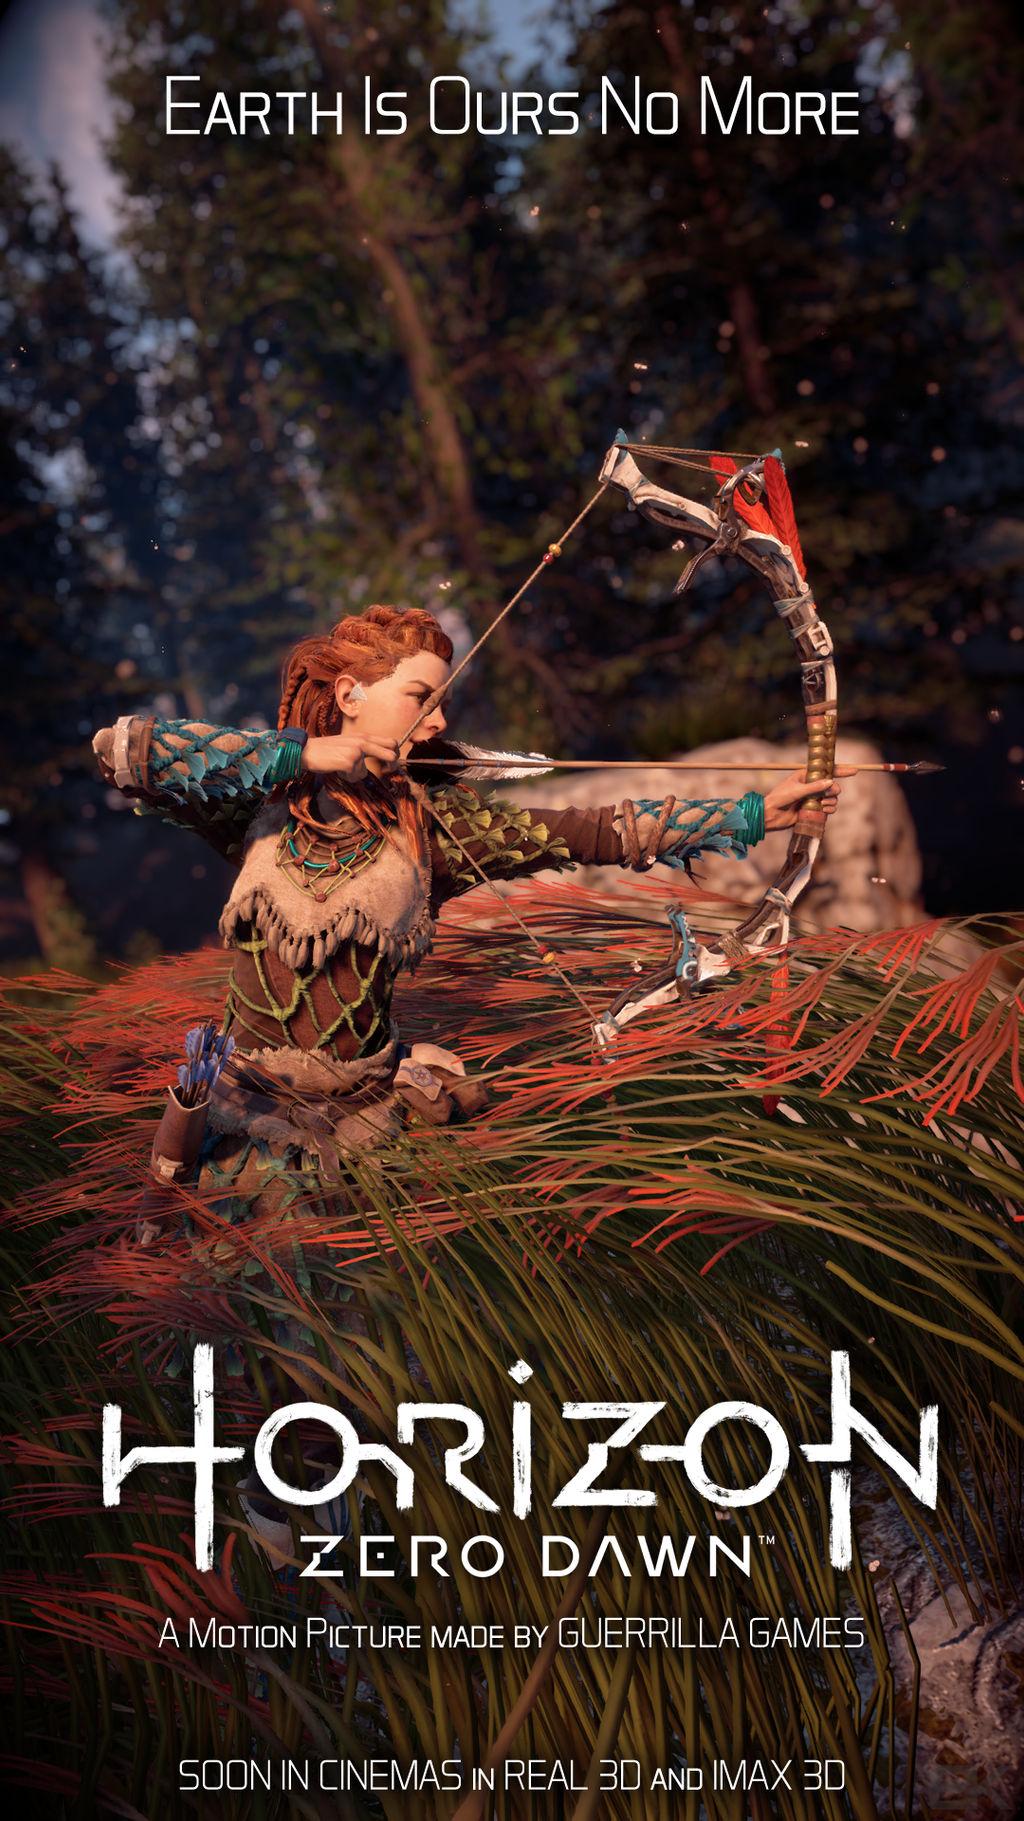 Horizon Zero Dawn Movie Poster 1 By Bk1606 On Deviantart